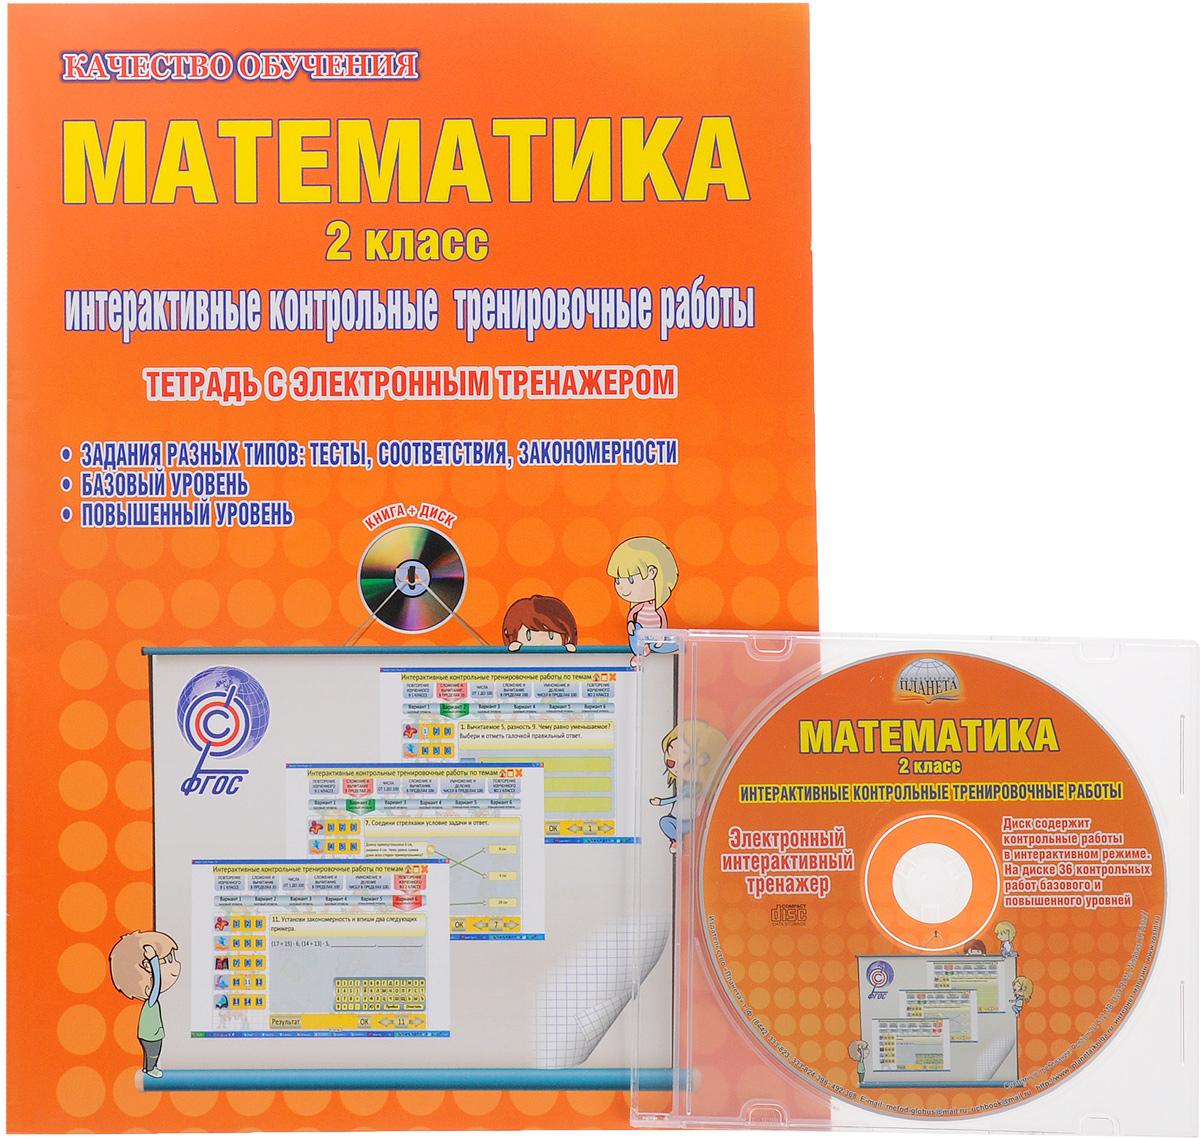 Математика. 2 класс. Интерактивные контрольные тренировочные работы. Тетрадь с электронным тренажером (+ CD)12296407Тетрадь с электронным тренажером поможет второклассникам подготовиться к итоговым контрольным работам по математике. Тетрадь содержит контрольные работы по всем темам, изучаемым во втором классе. Каждая контрольная работа состоит из шести вариантов: четыре варианта базового уровня и два - повышенного; по пятнадцать заданий в каждом варианте. Задания каждого варианта составлены с учетом требований ФГОС НОО, разнообразны по типологии (тестовые задания, логические задания на установление соответствия, закономерности, определение лишнего понятия) и направлены на формирование у школьников универсальных учебных действий и основ логического мышления. Тетрадь выходит в комплекте с электронным тренажером (CD-диск), который поможет ученикам второго класса качественно готовиться к урокам математики дома, выполняя задания на компьютере. Электронный тренажер дает школьникам возможность многократного выполнения заданий, что позволяет повысить качество знаний по предмету. Для...